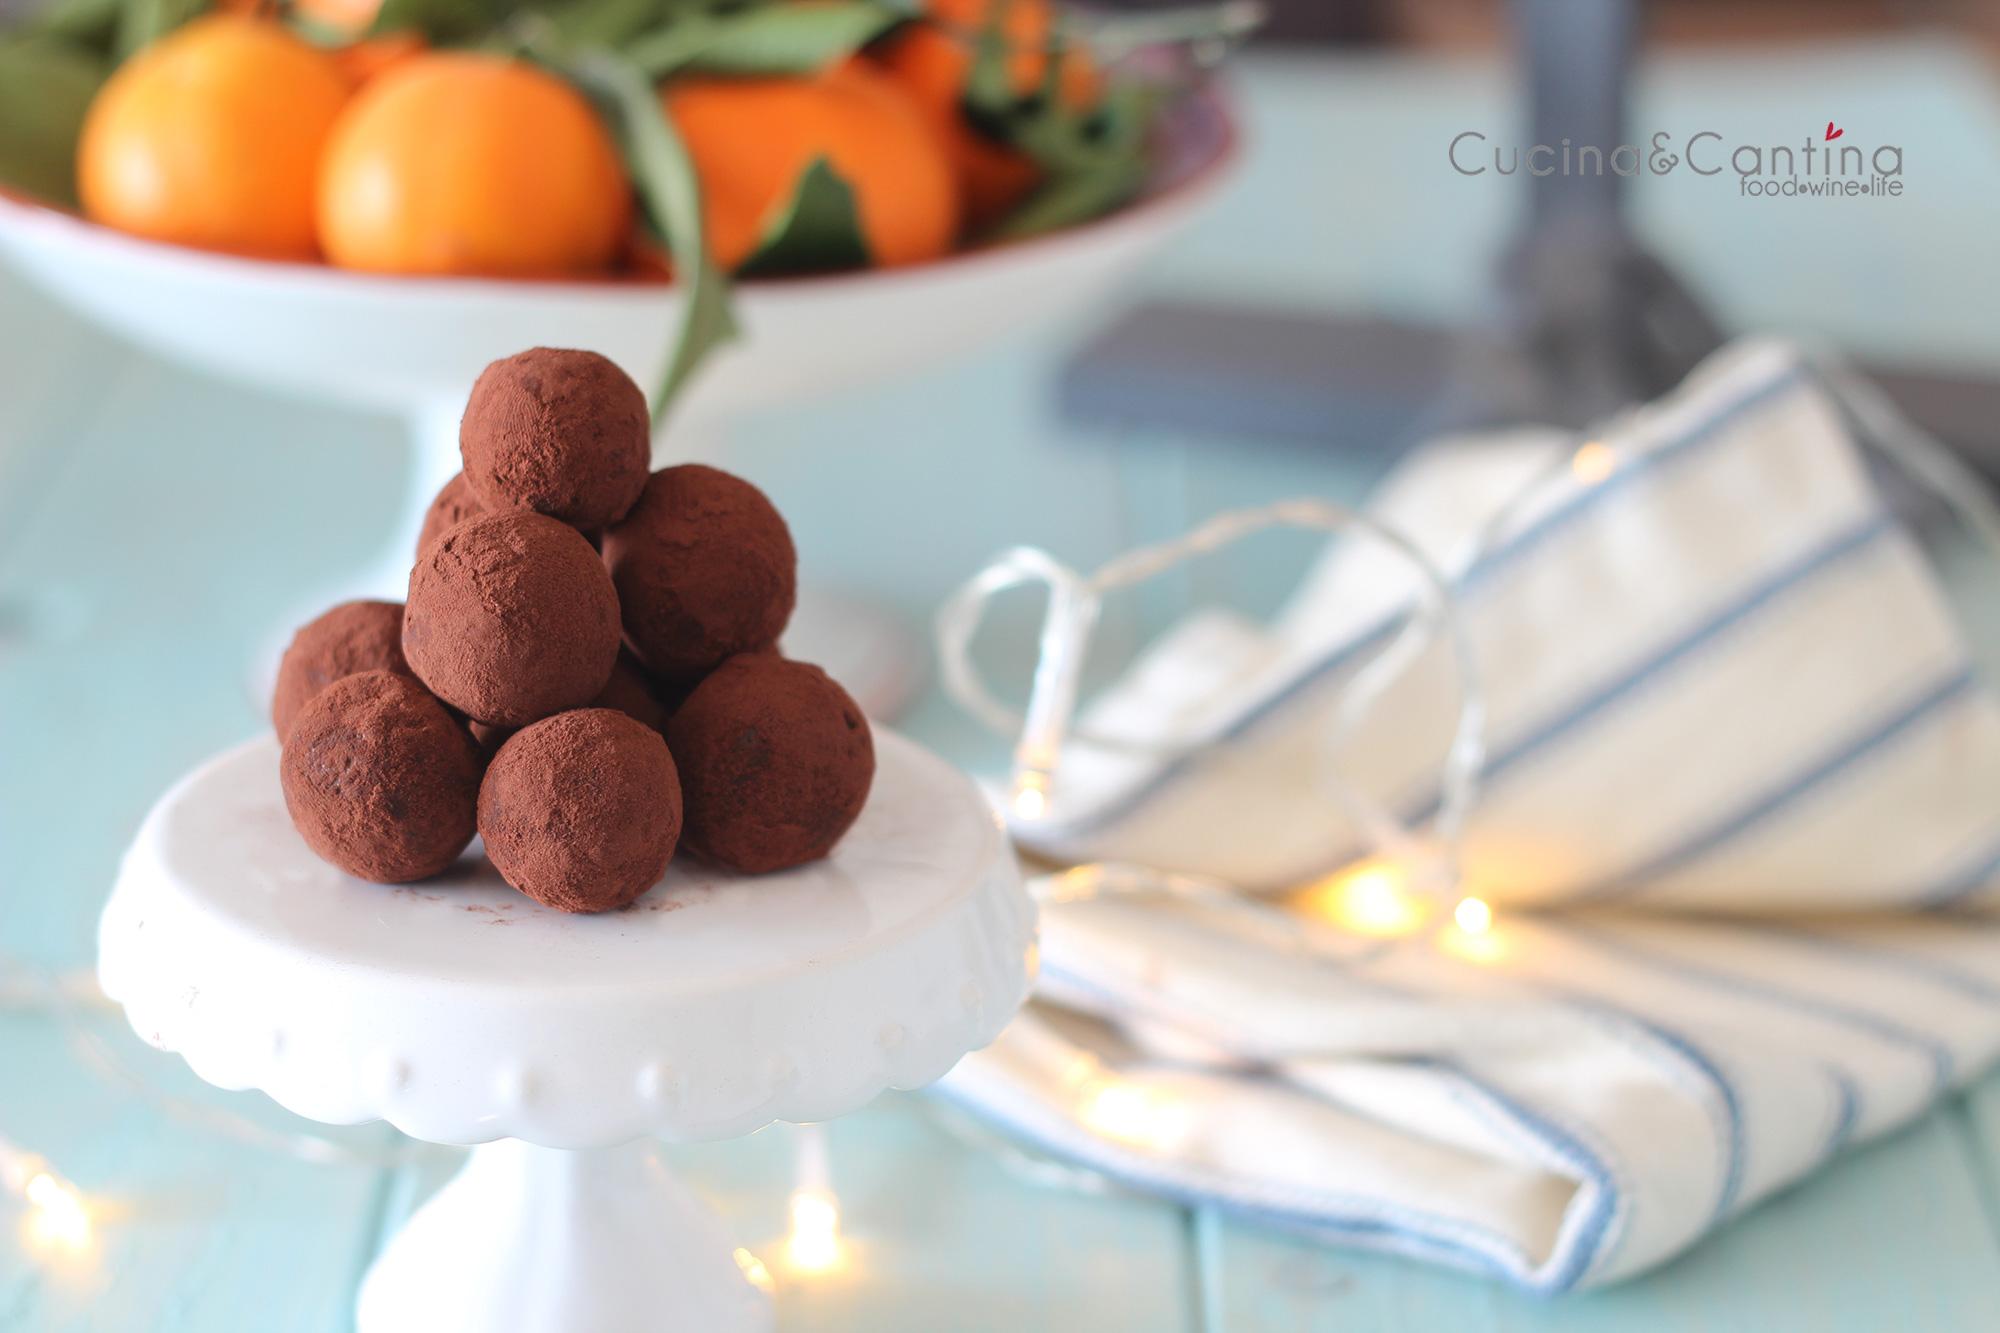 tartufi_dolci_cioccolato